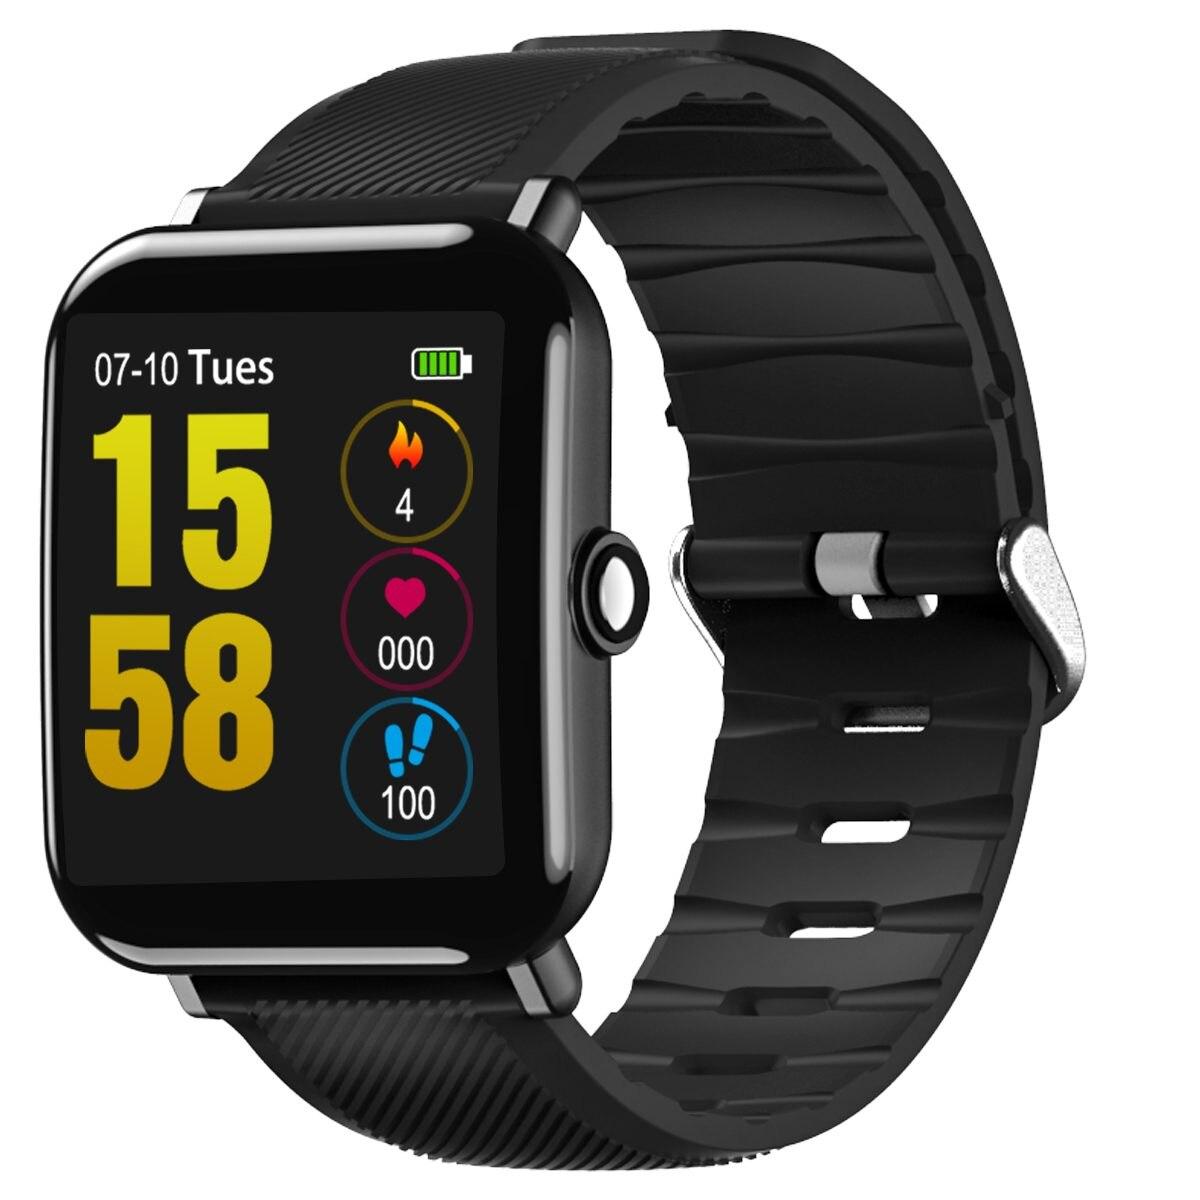 """OUKITEL W2 1,3 """"2.5D Große Bildschirm Herz Rate Schlaf Monitor Smart Uhr Sport Modus Nachricht Display 15 Tage Standby smart Uhr"""